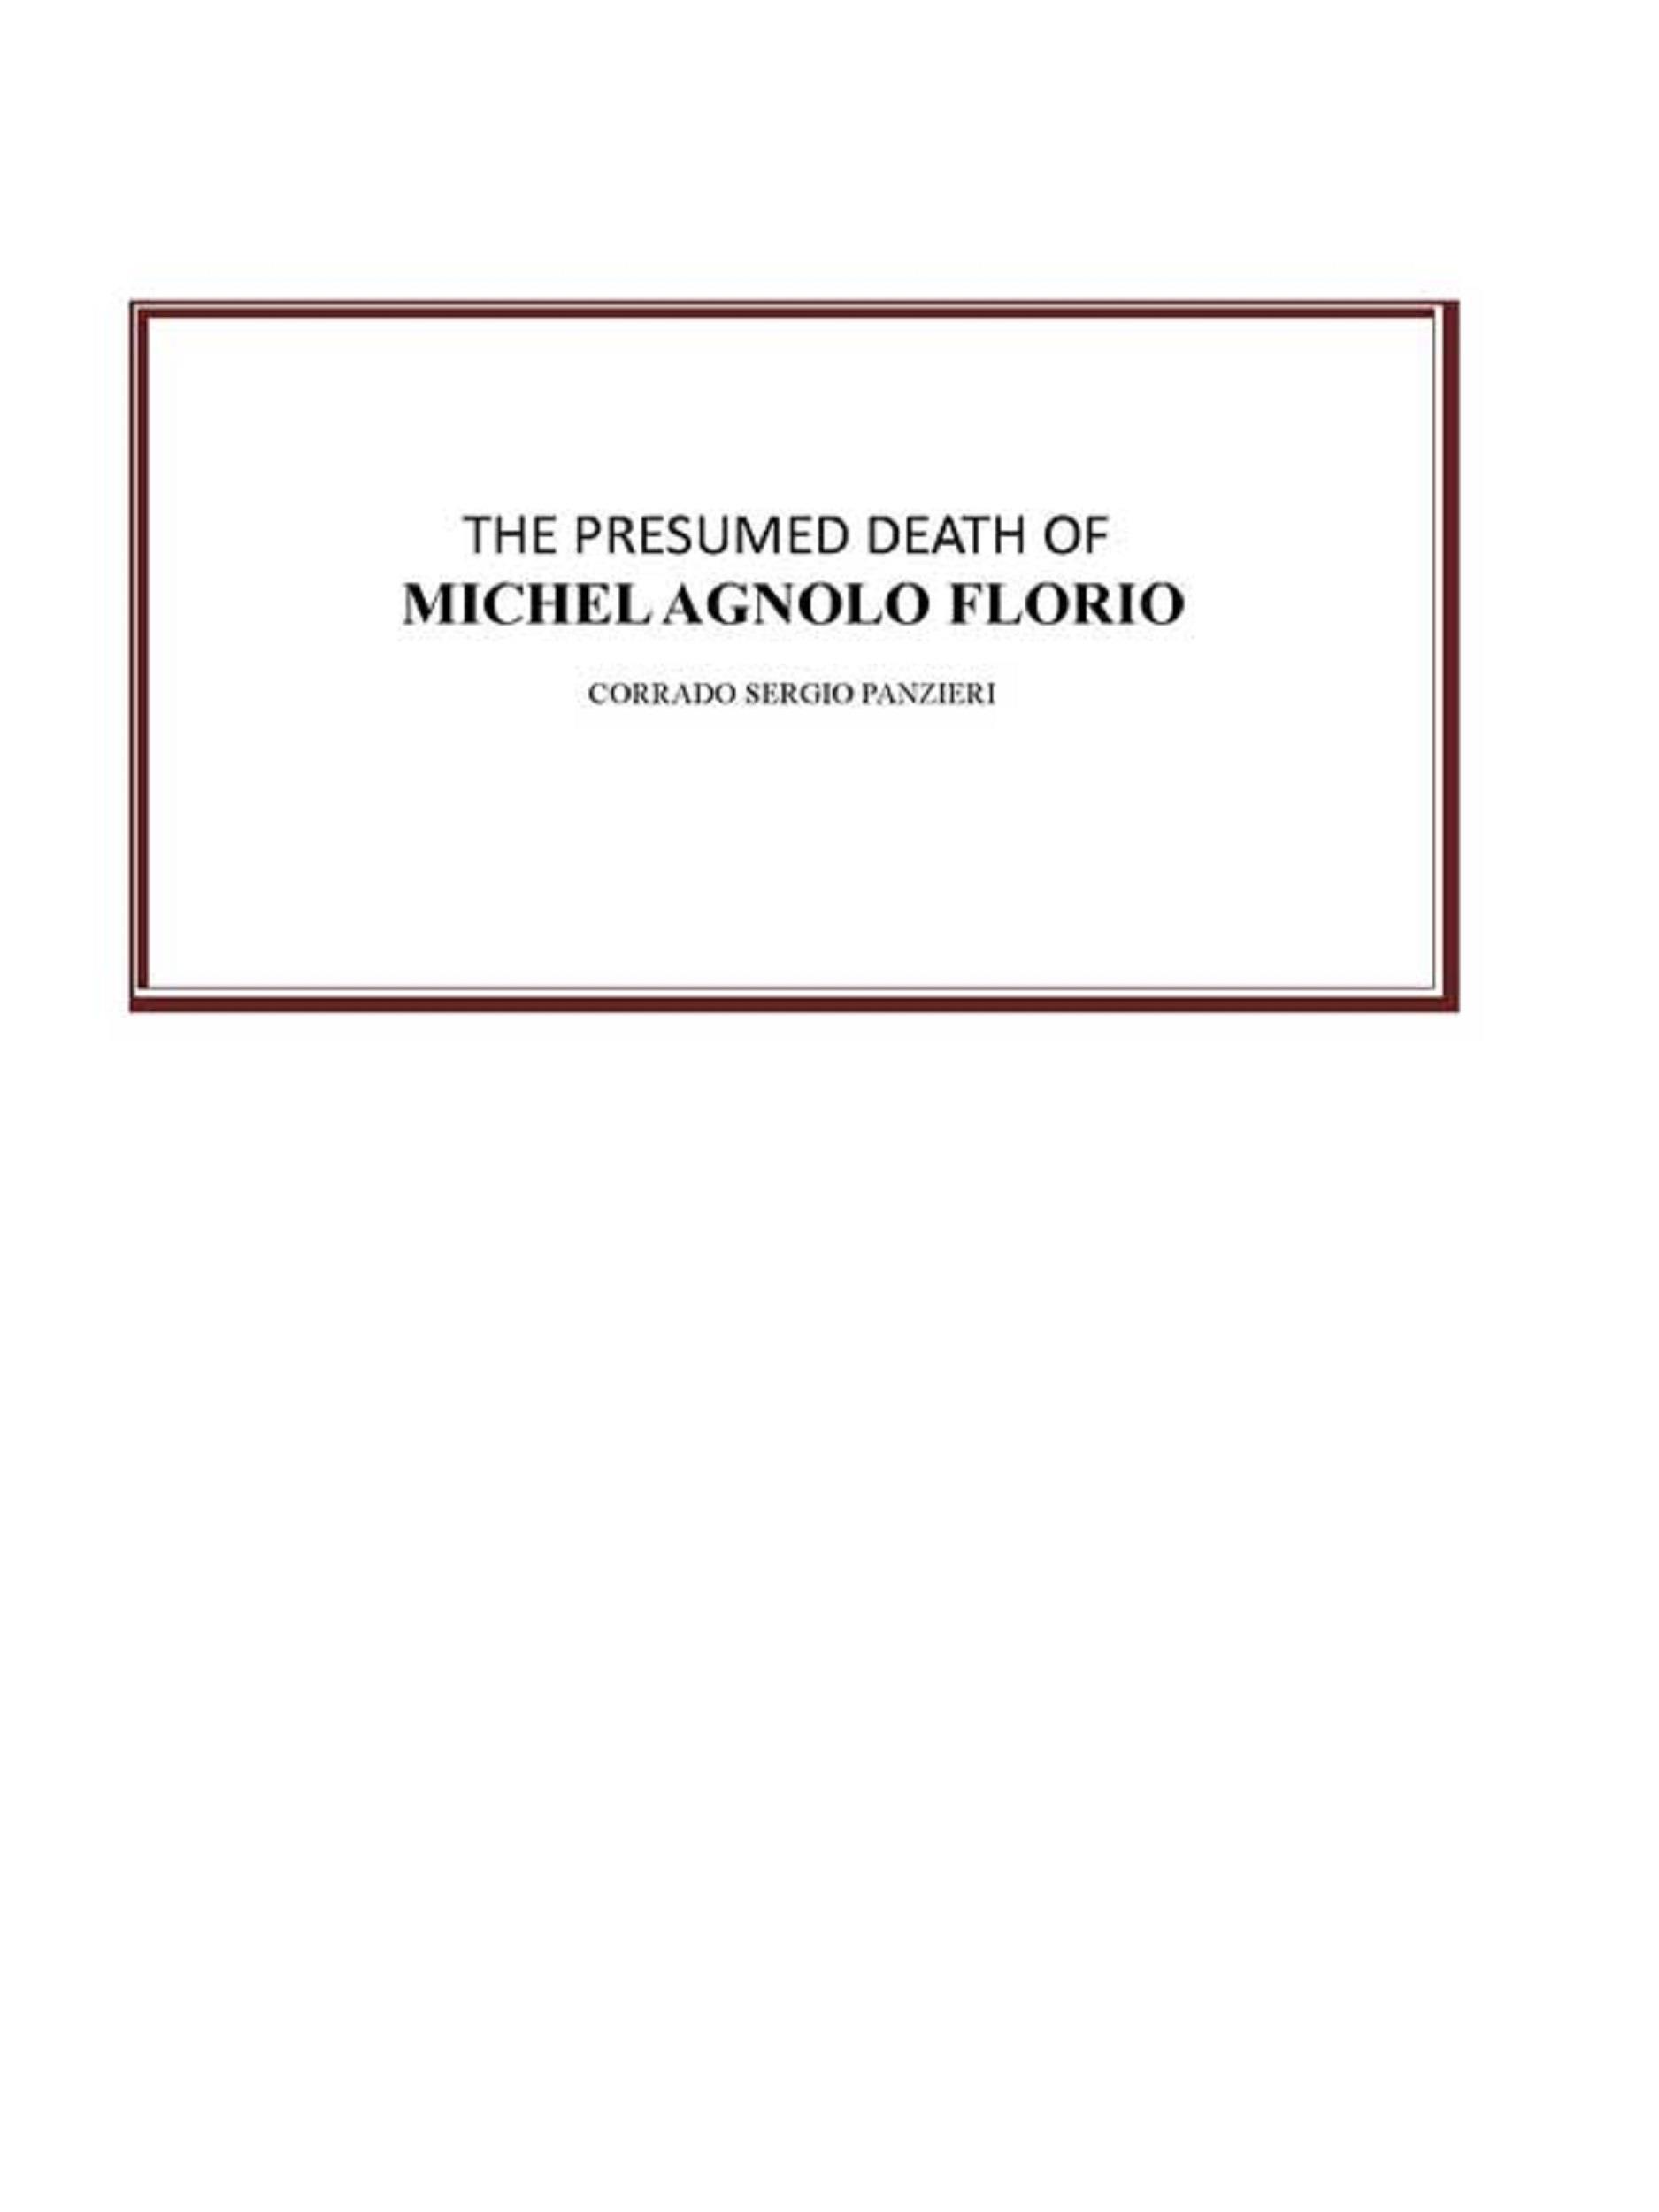 The presumed death of Michel Agnolo Florio